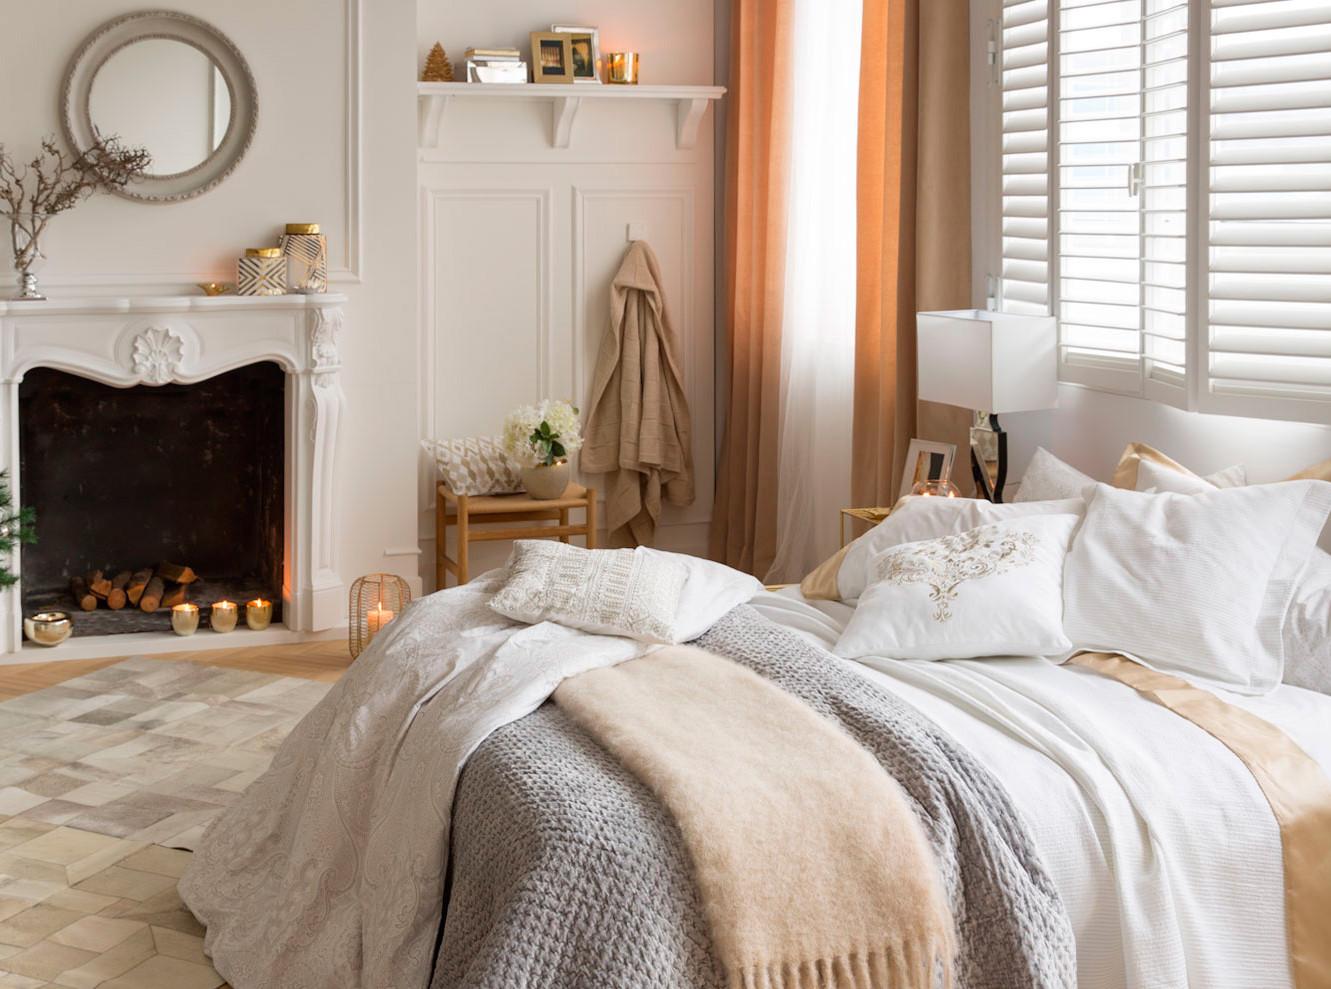 Full Size of Zara Home Zum Schlafzimmer Einrichten Mit Decken Und Gardinen Komplett Lattenrost Matratze Wandtattoo Luxus Deckenlampe Weiss Fototapete Komplettangebote Schlafzimmer Gardinen Schlafzimmer